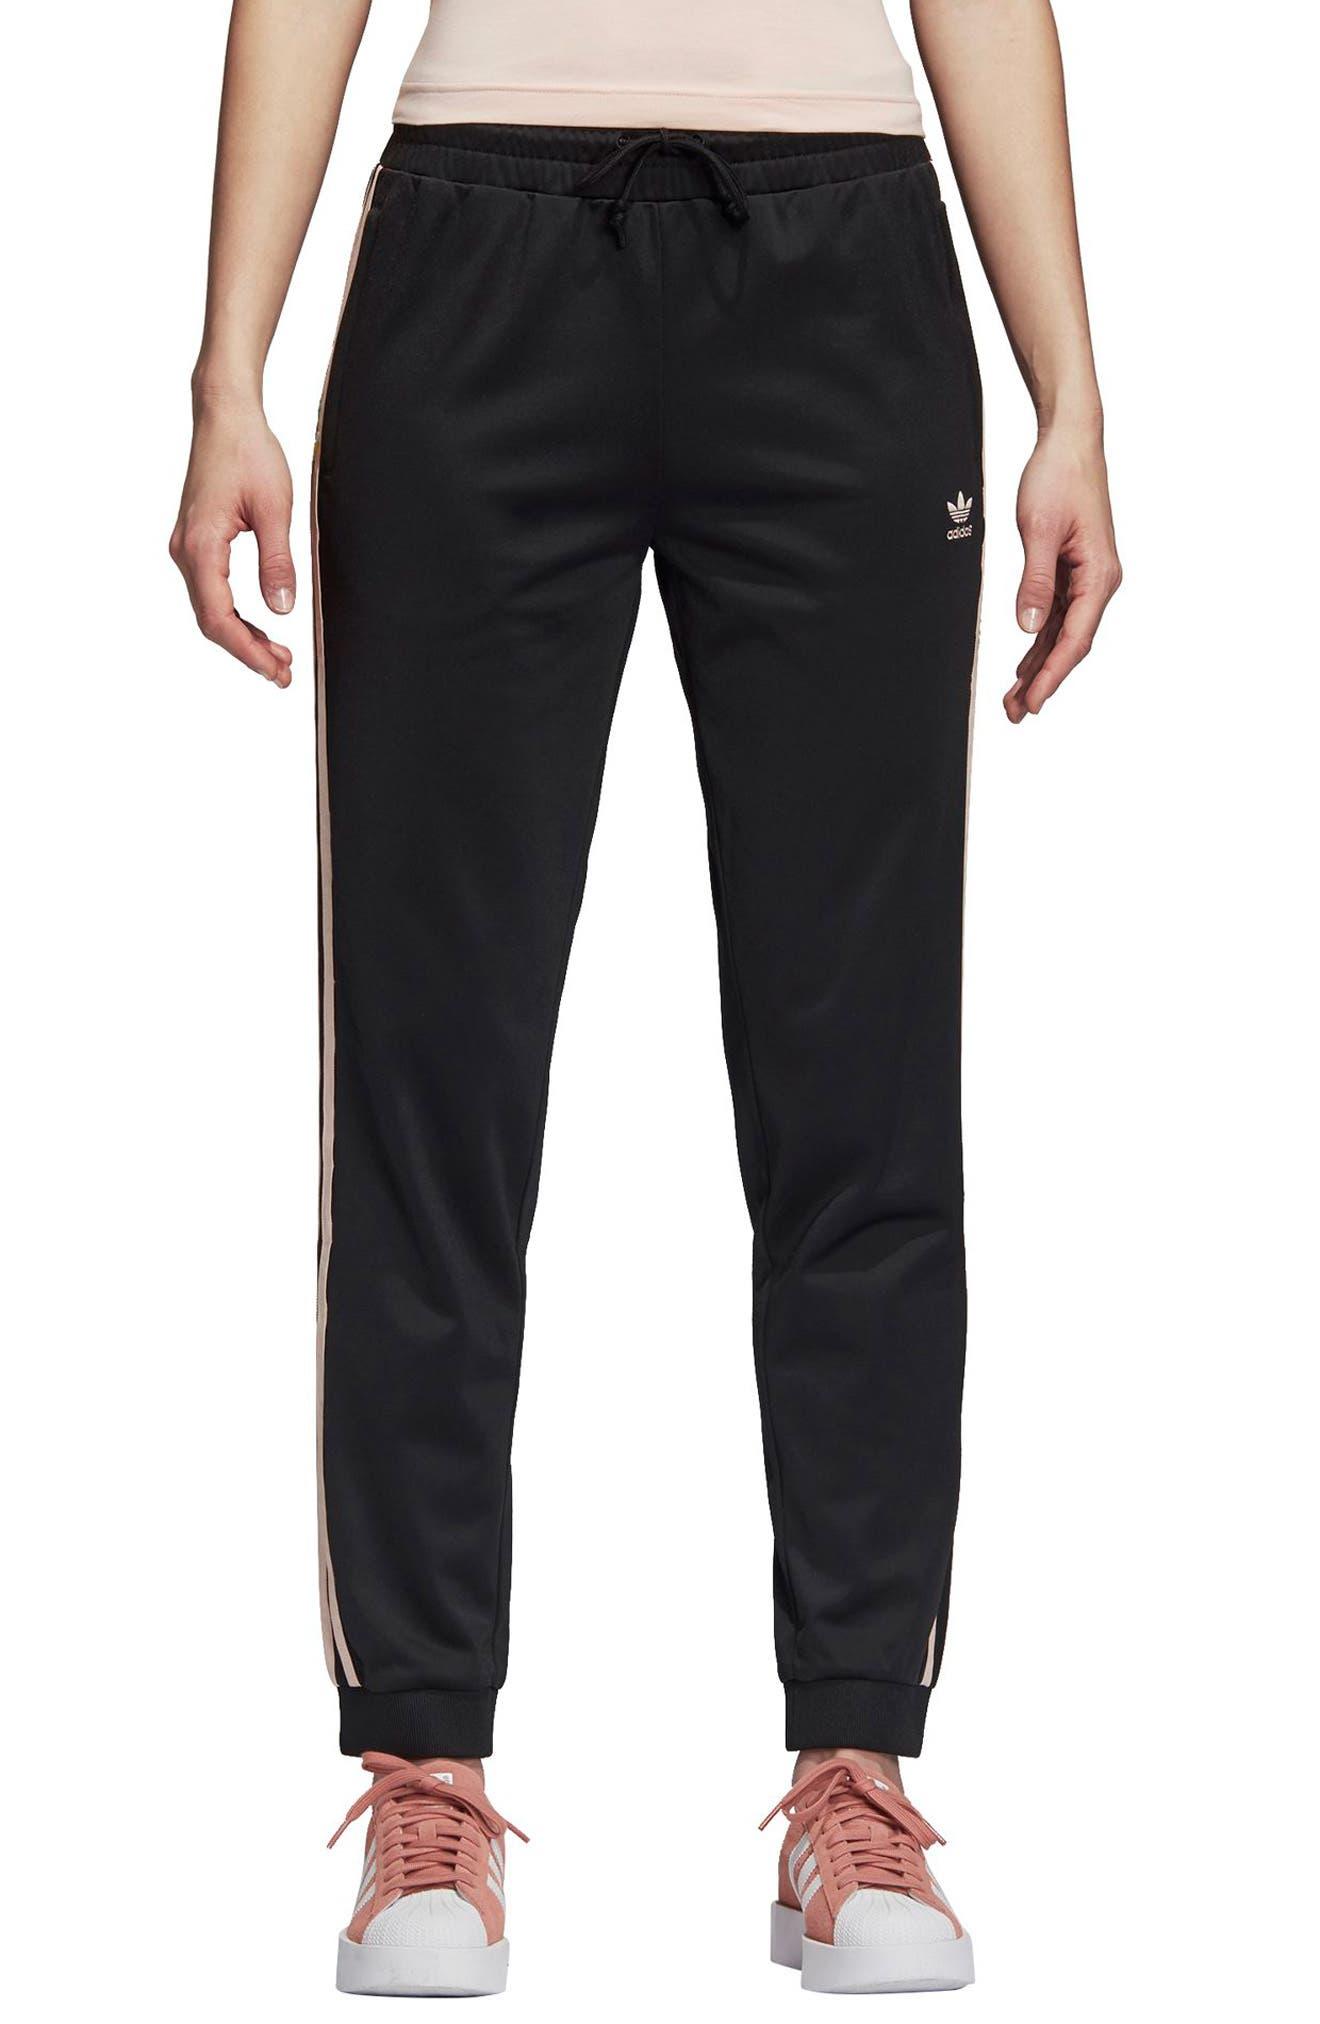 Originals Track Pants,                         Main,                         color, Black